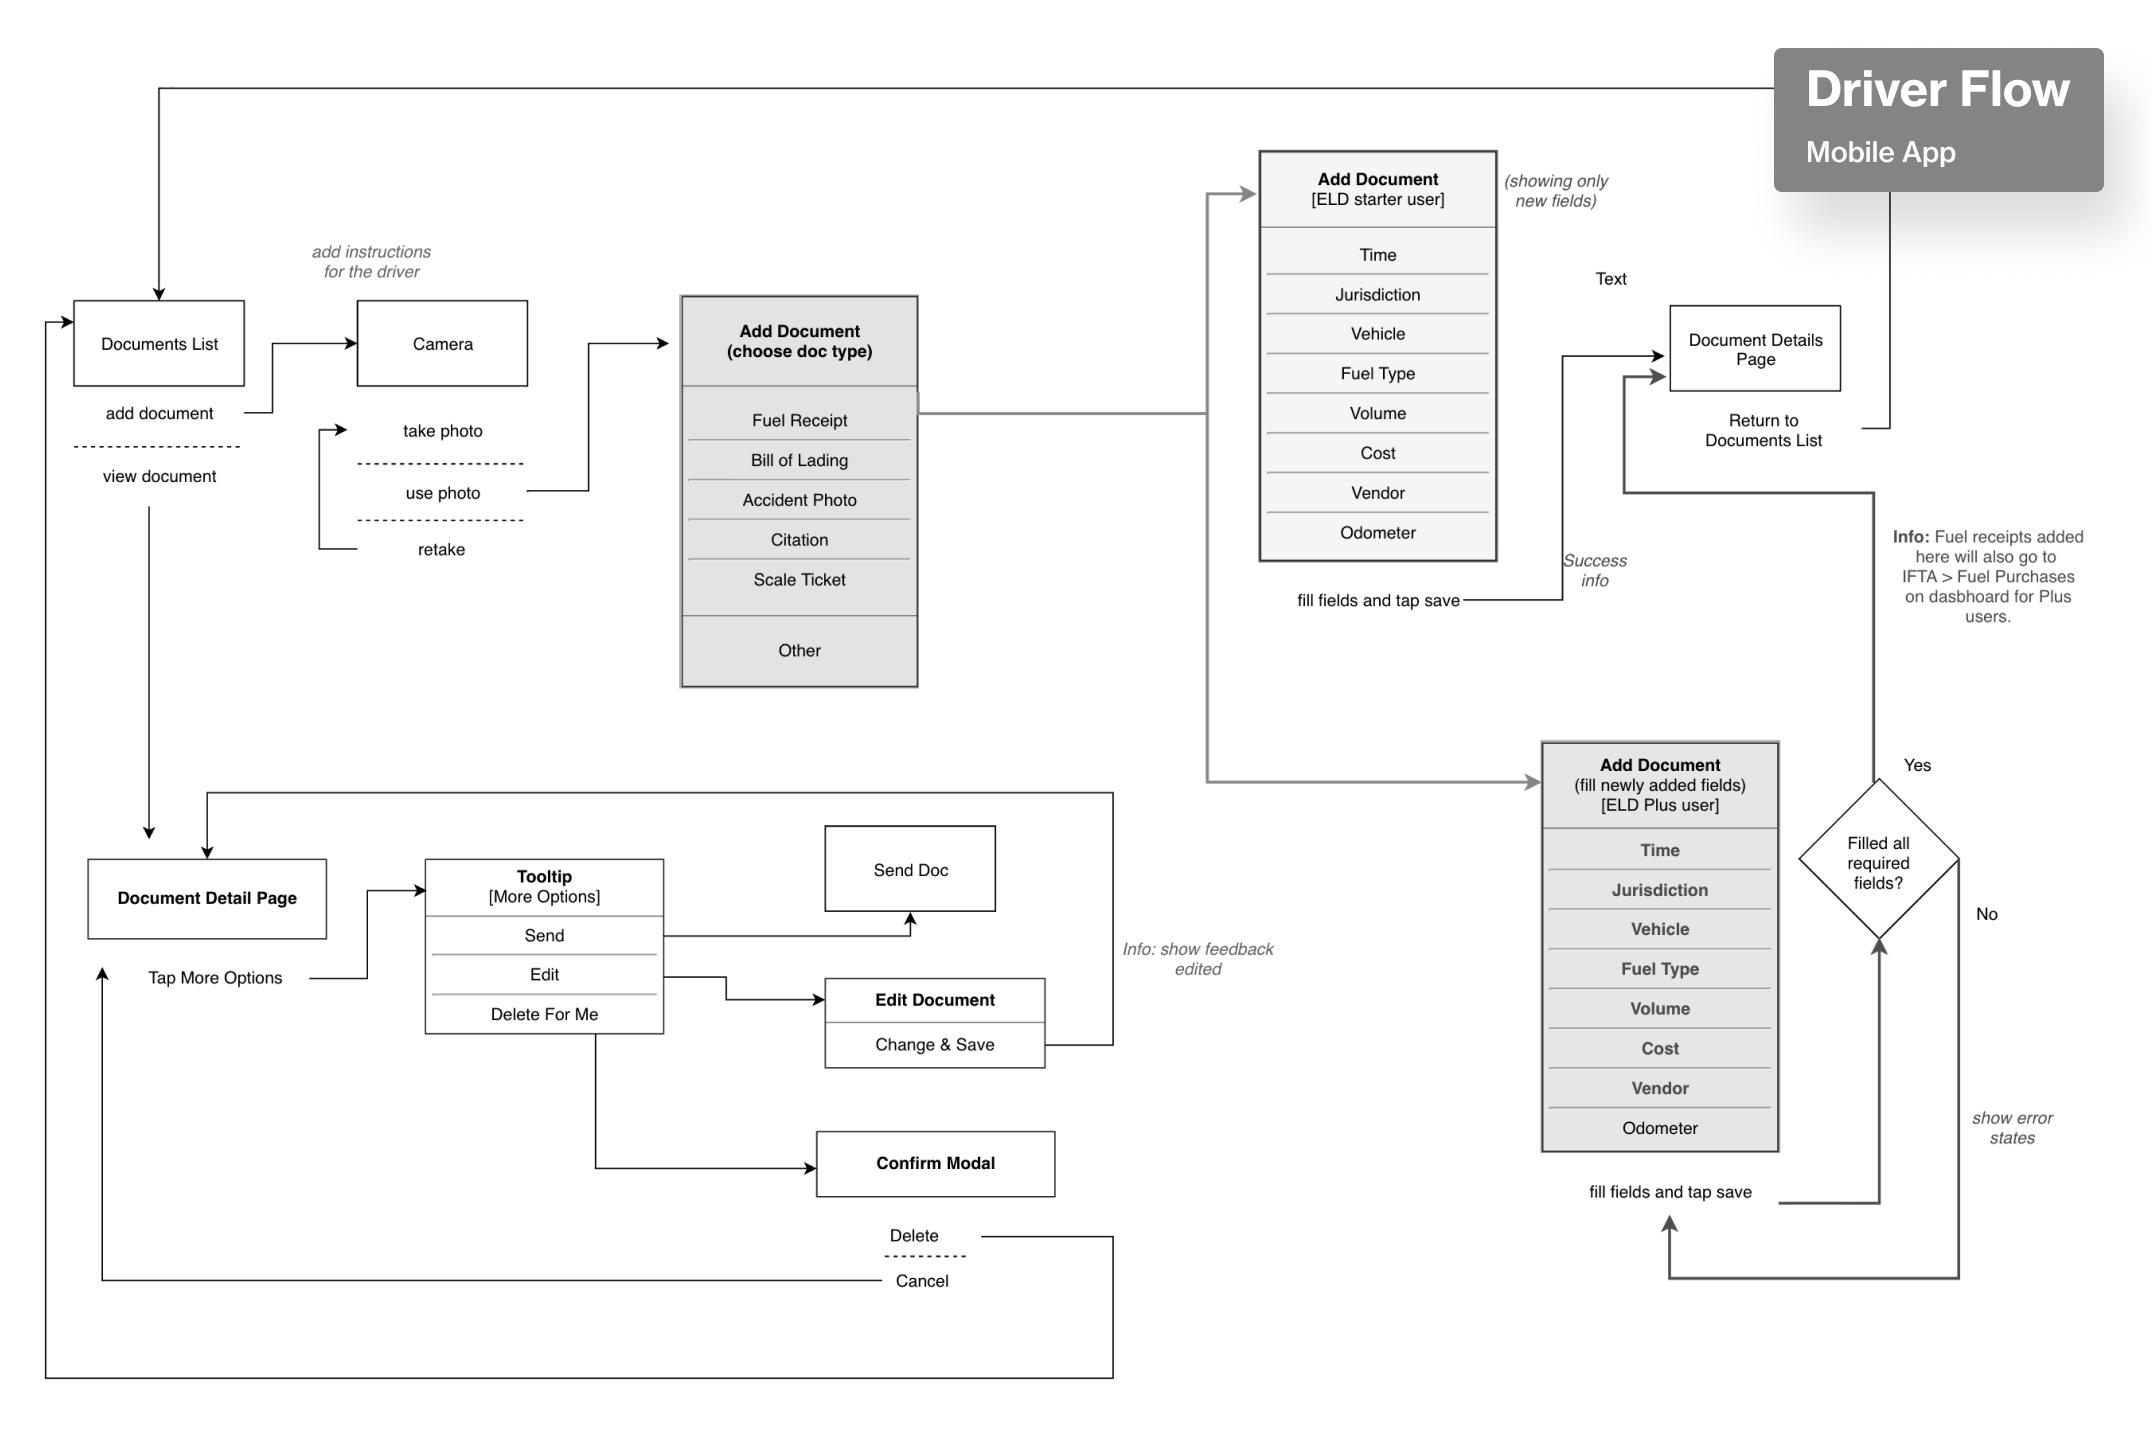 kt-driver-flow